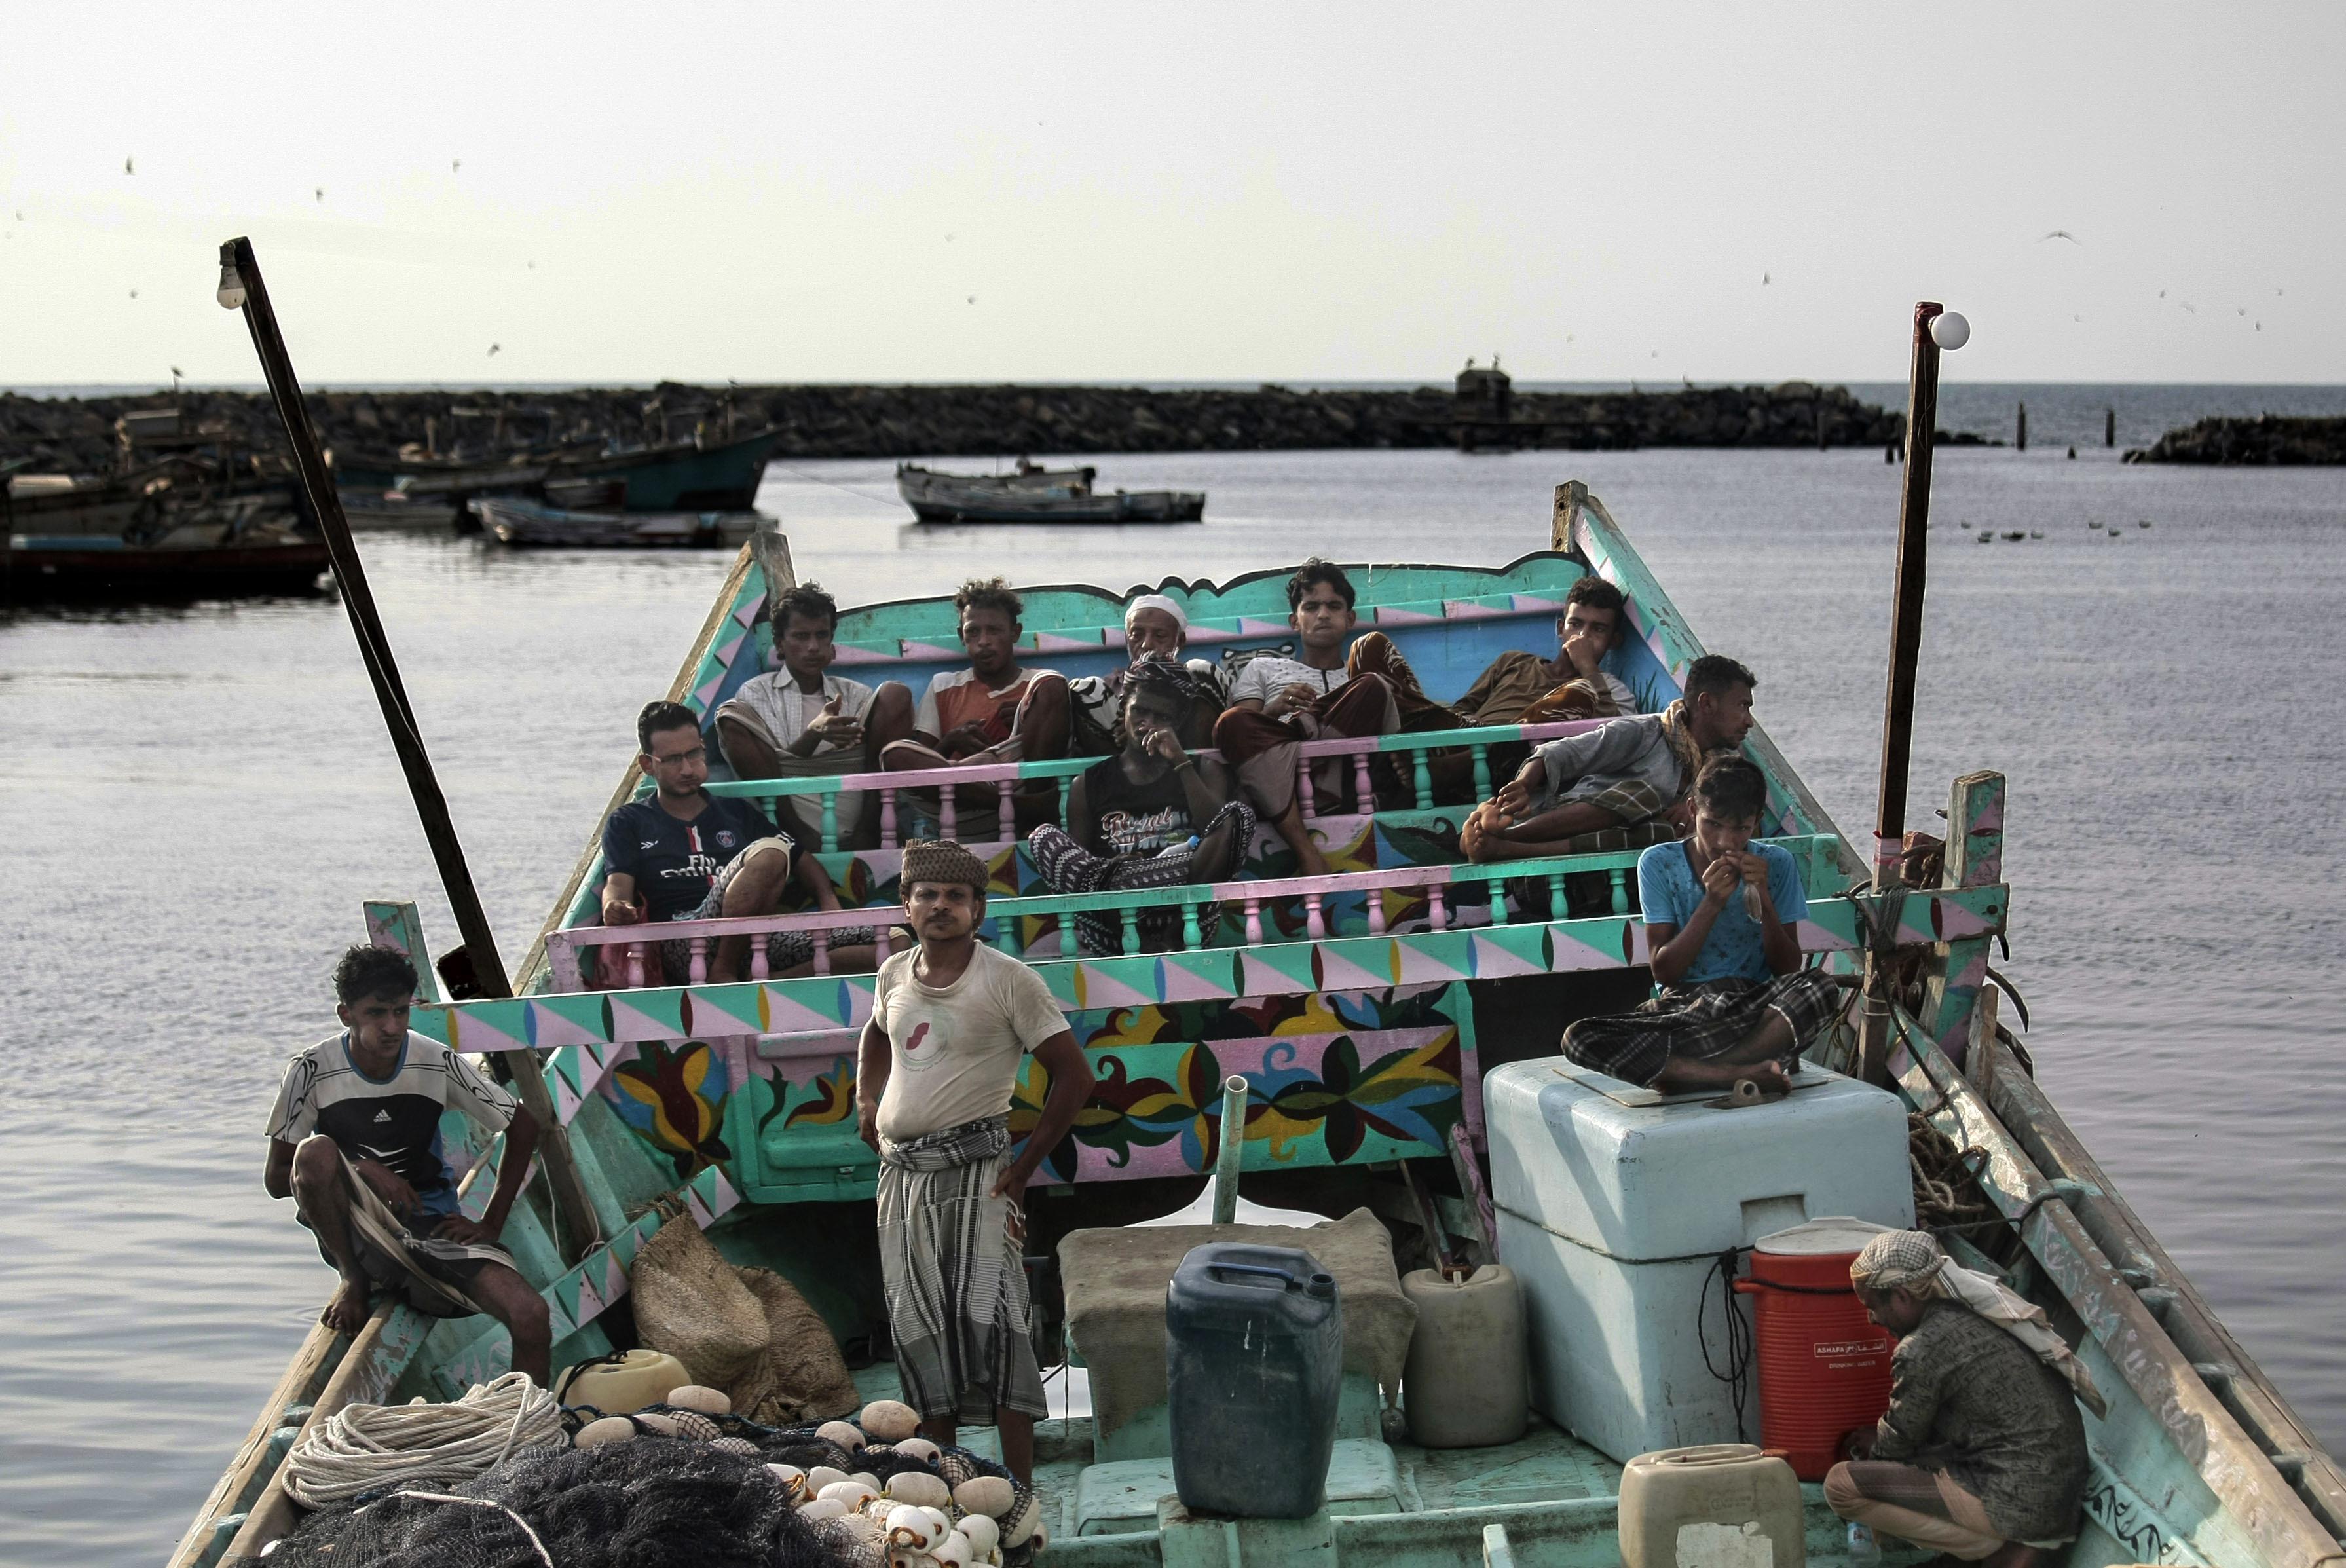 漁民在漁船上休息時會咀嚼咖特(qat),是一種興奮劑,作用近似安非他命。